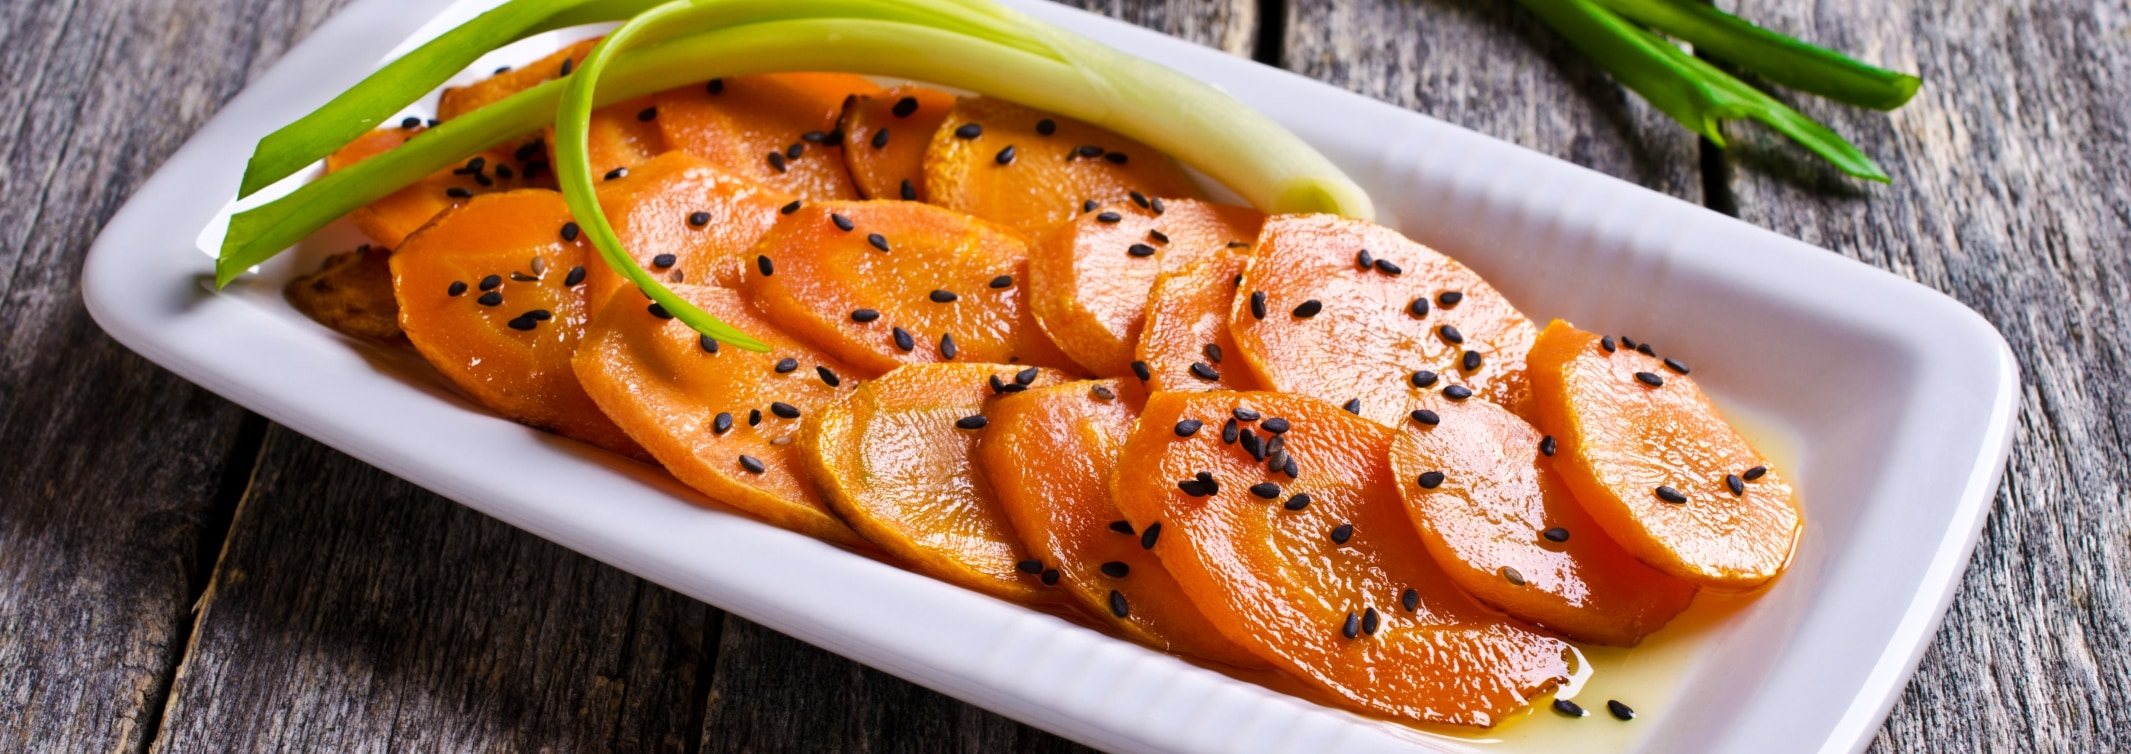 Gyomorbetegek diétája - receptekkel - Blikk Rúzs